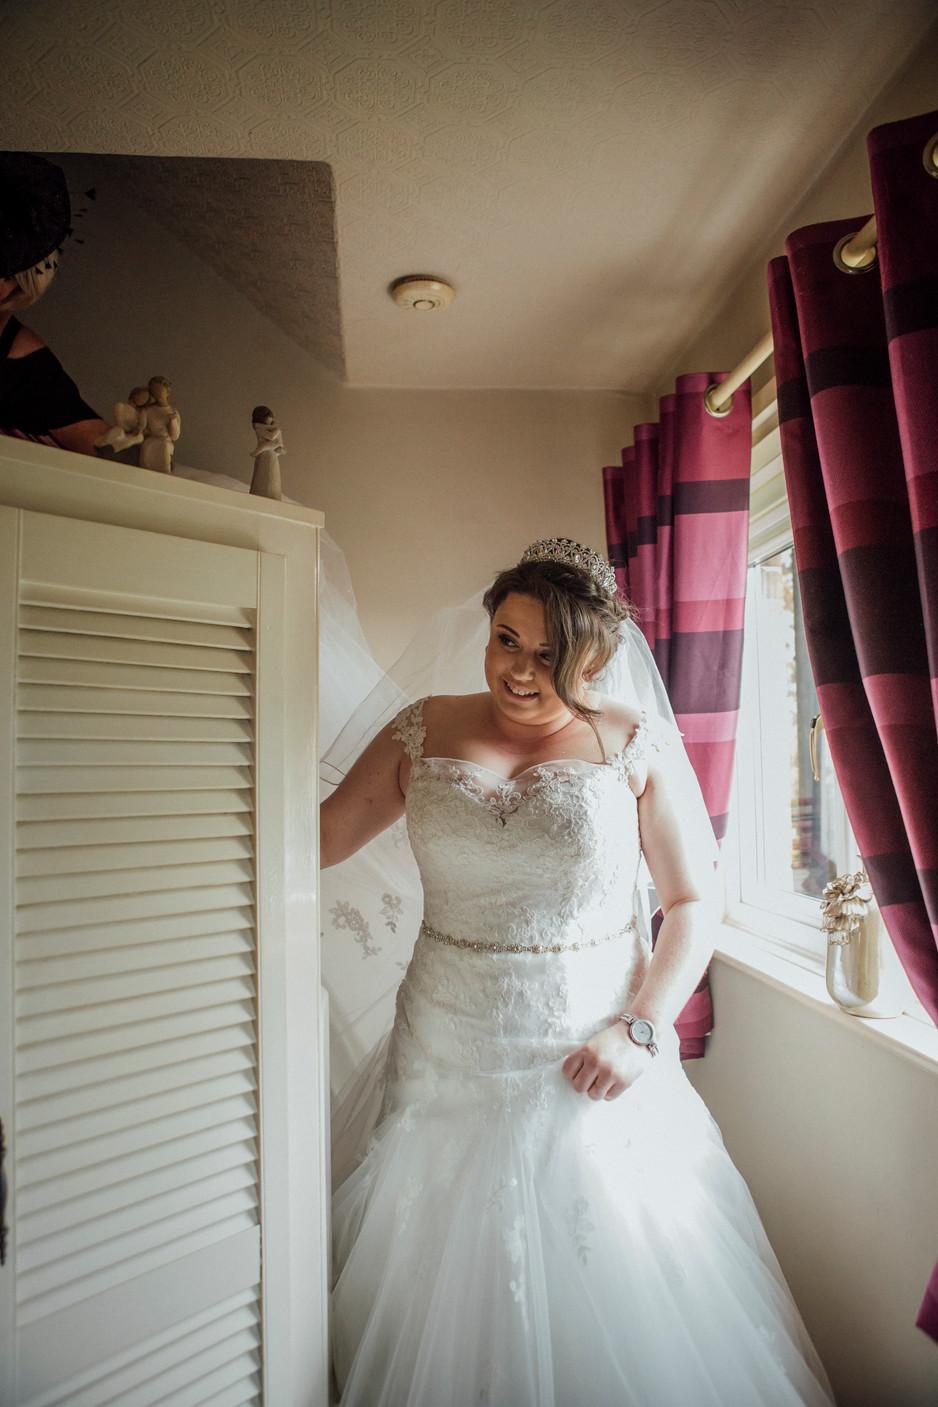 bride wedding photography fenay bridge